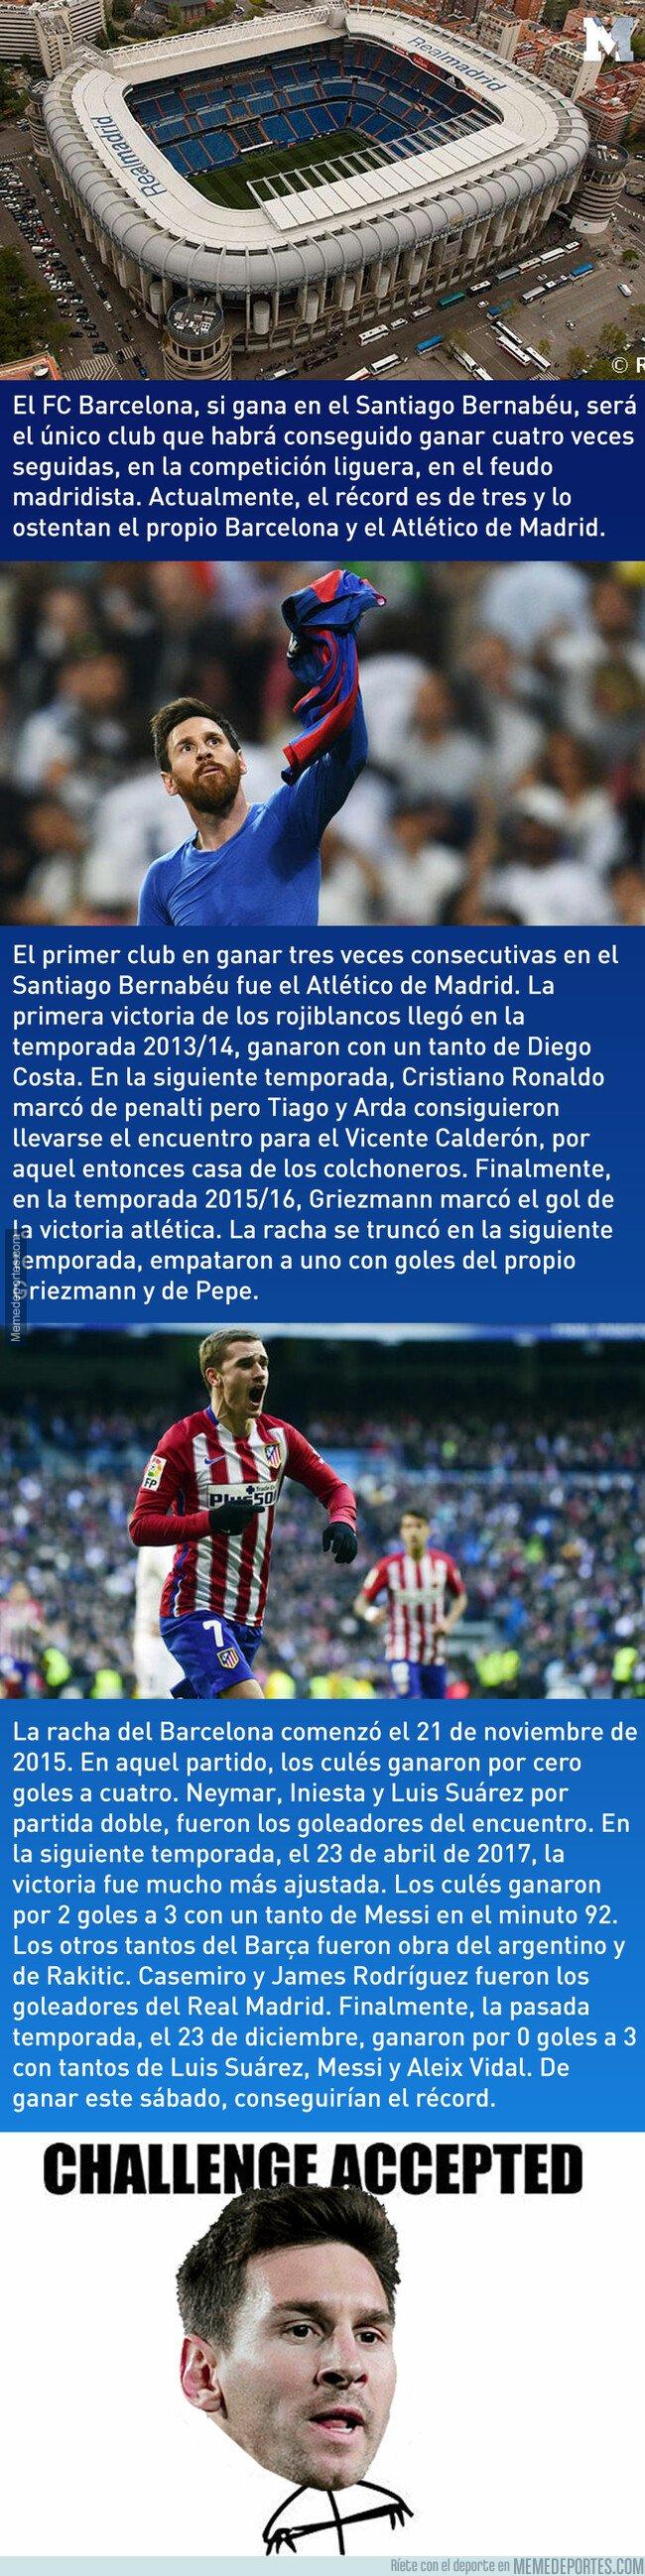 1066240 - El récord que podría conseguir el FC Barcelona si gana en el Santiago Bernabéu